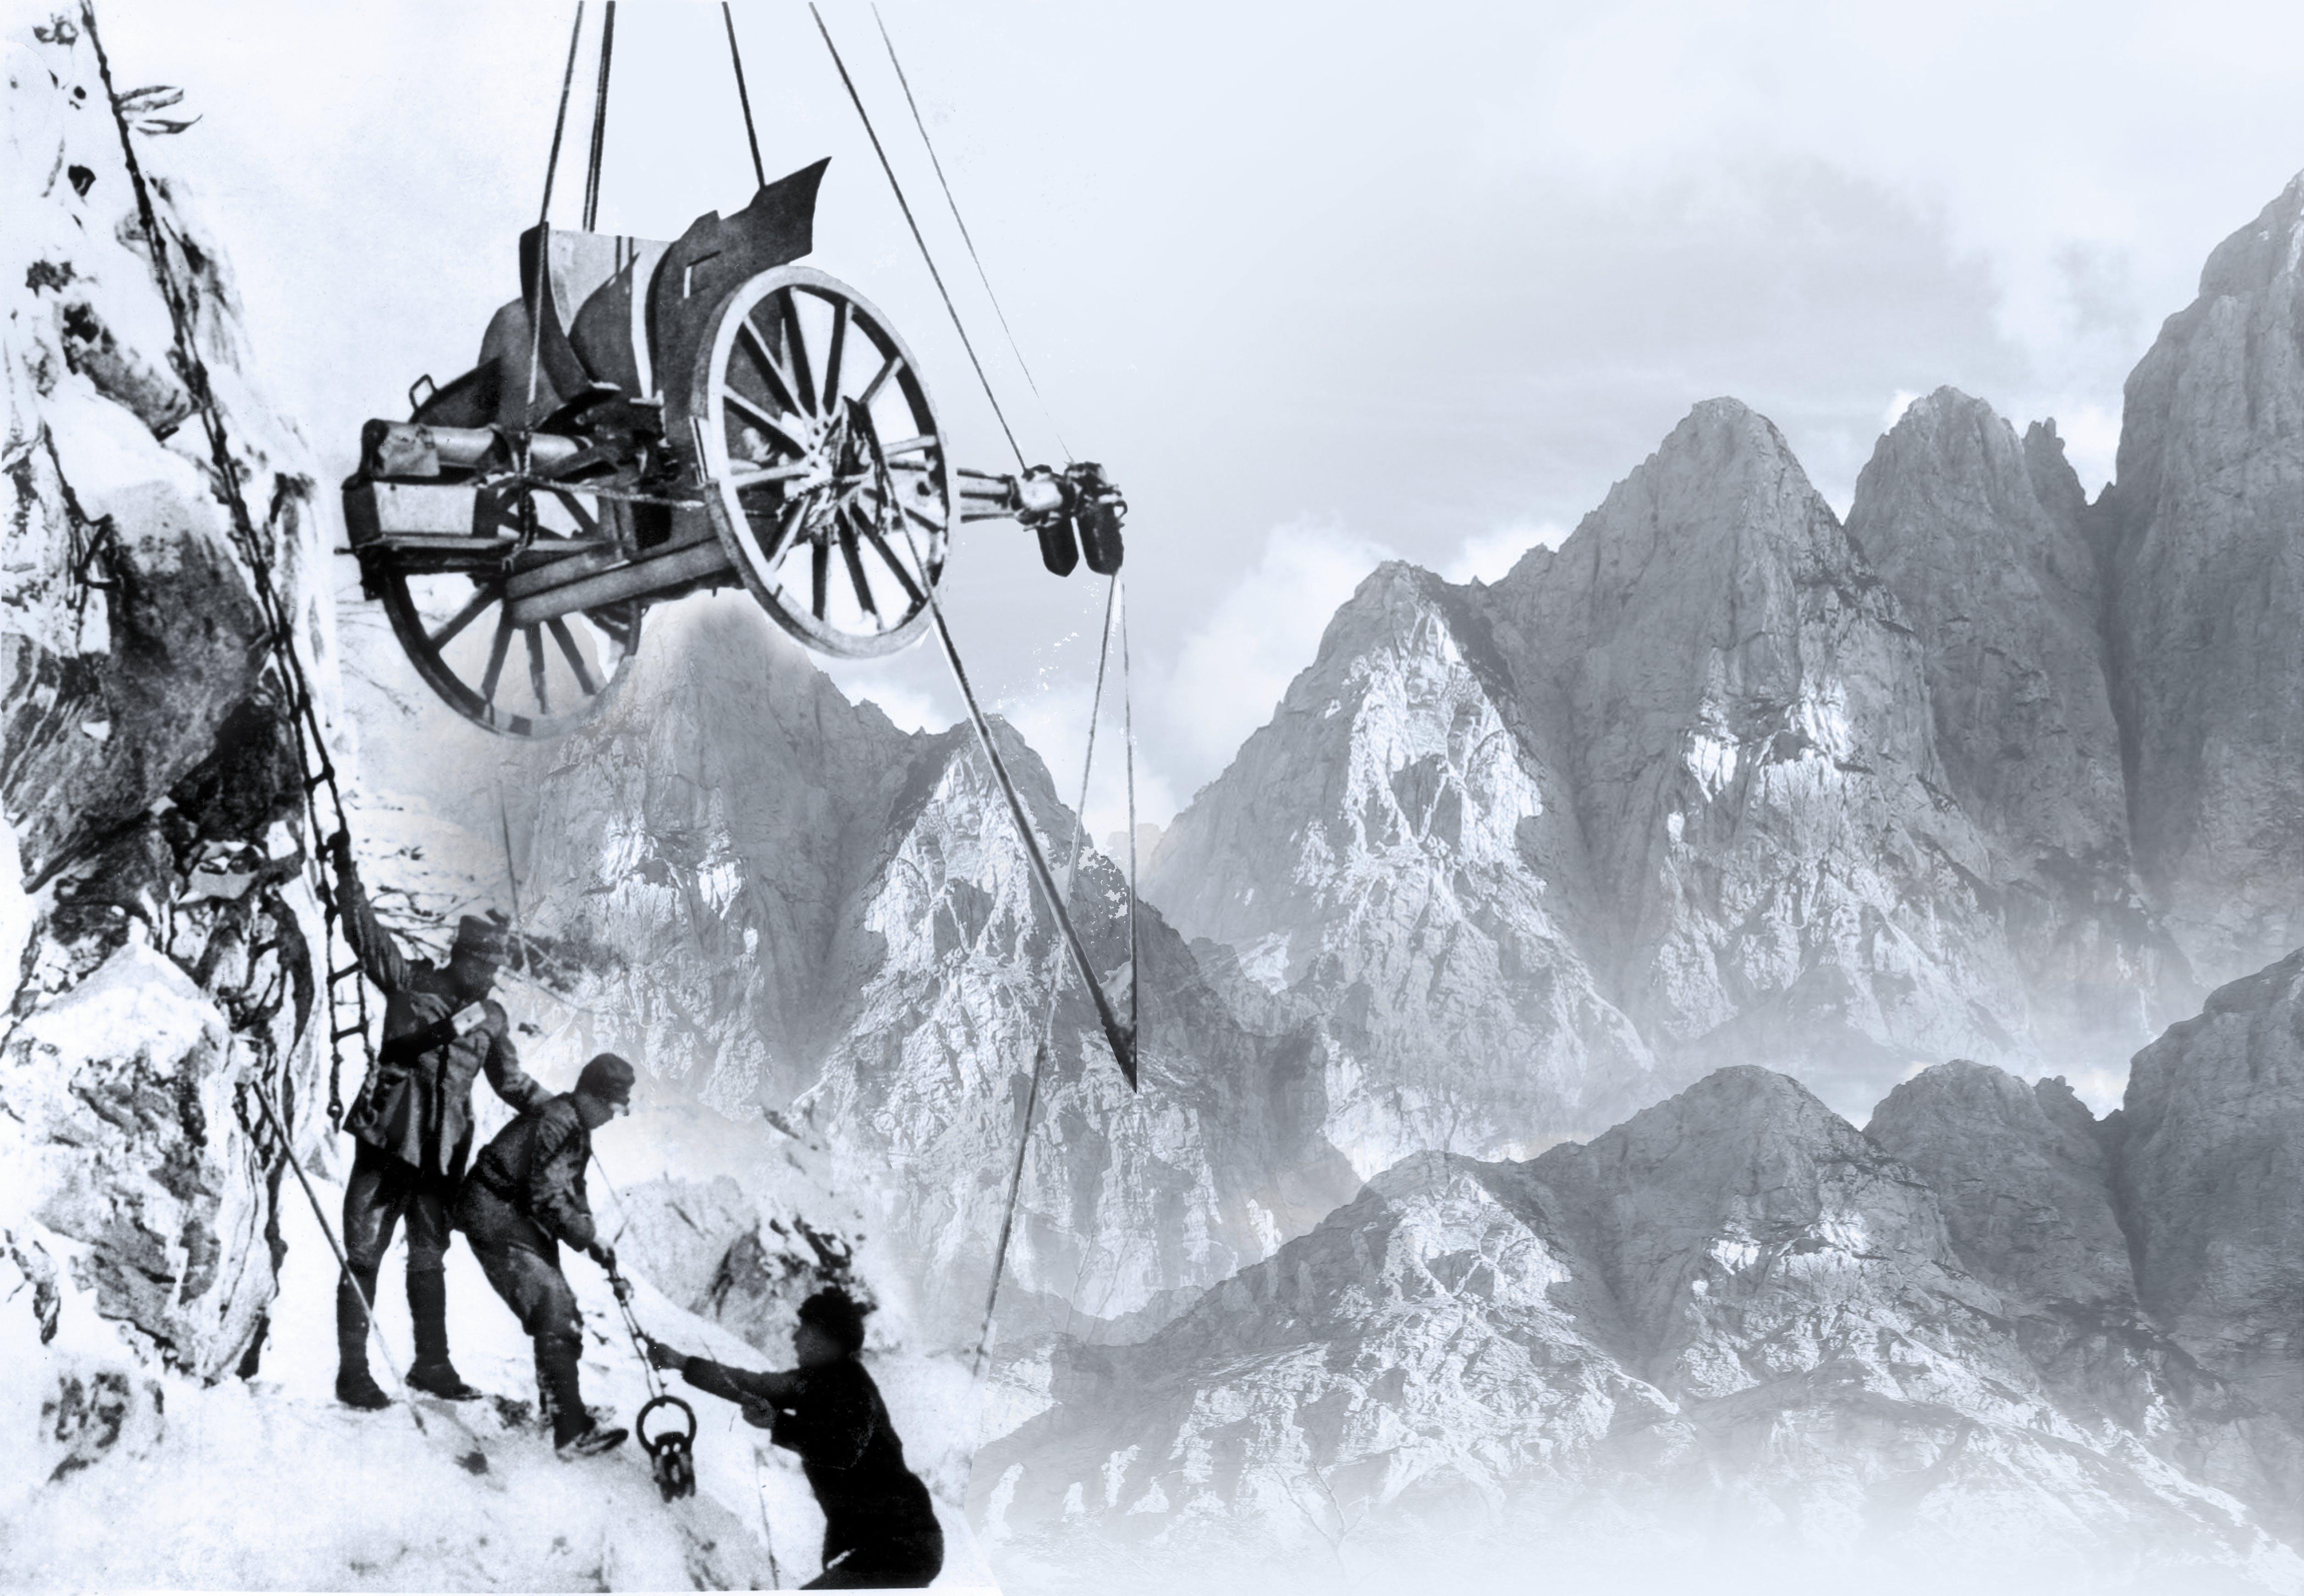 Soldater Kaempede Pa Lodret Front I Alperne Historienet Dk